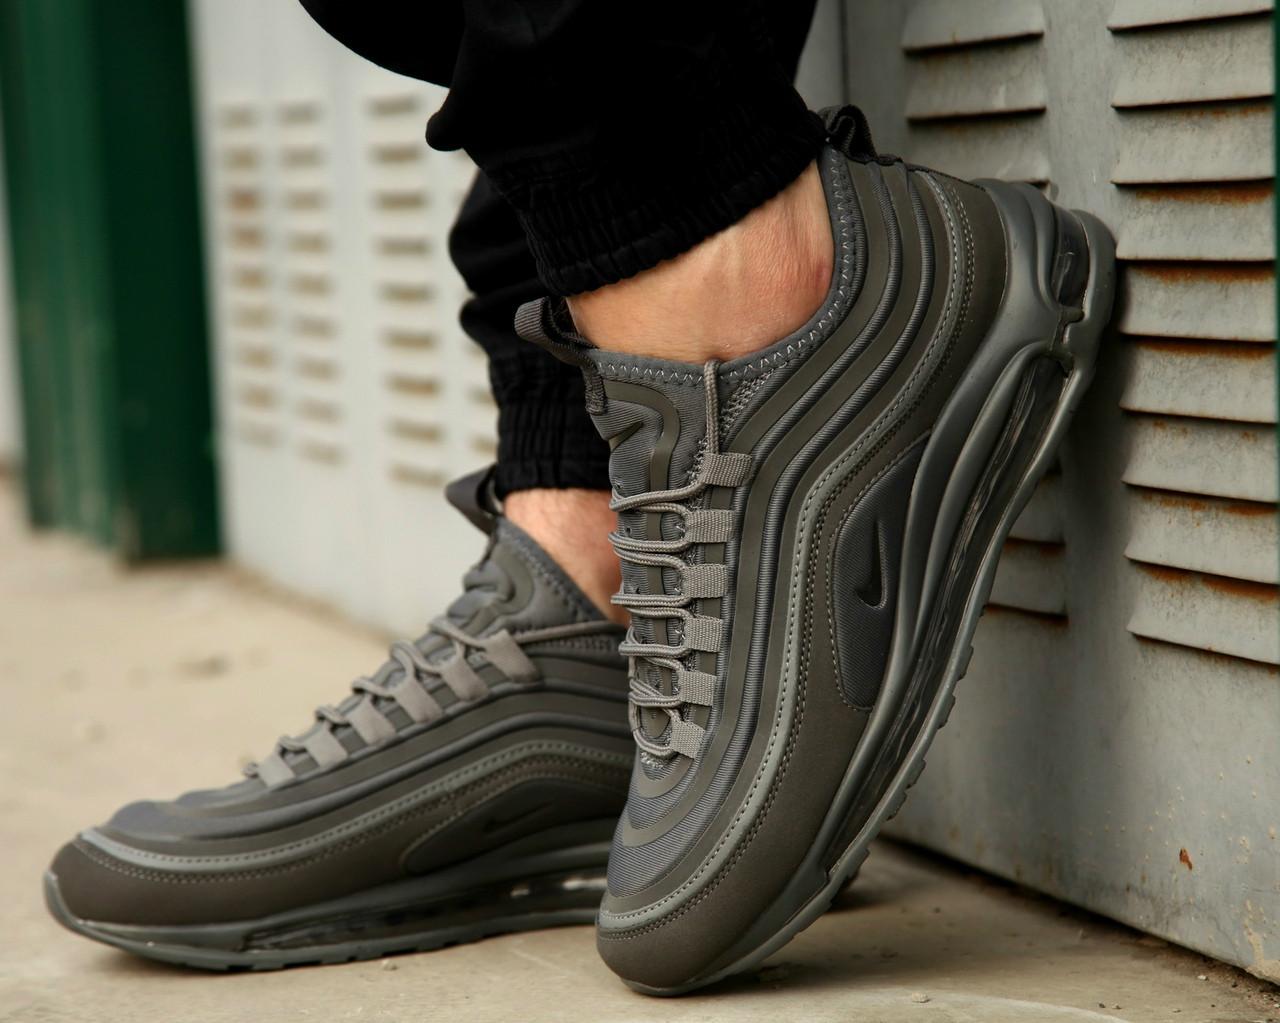 8b790dbe Мужские весенние в стиле кроссовки Nike Air Max 97 (Ultra Gray), серые найк